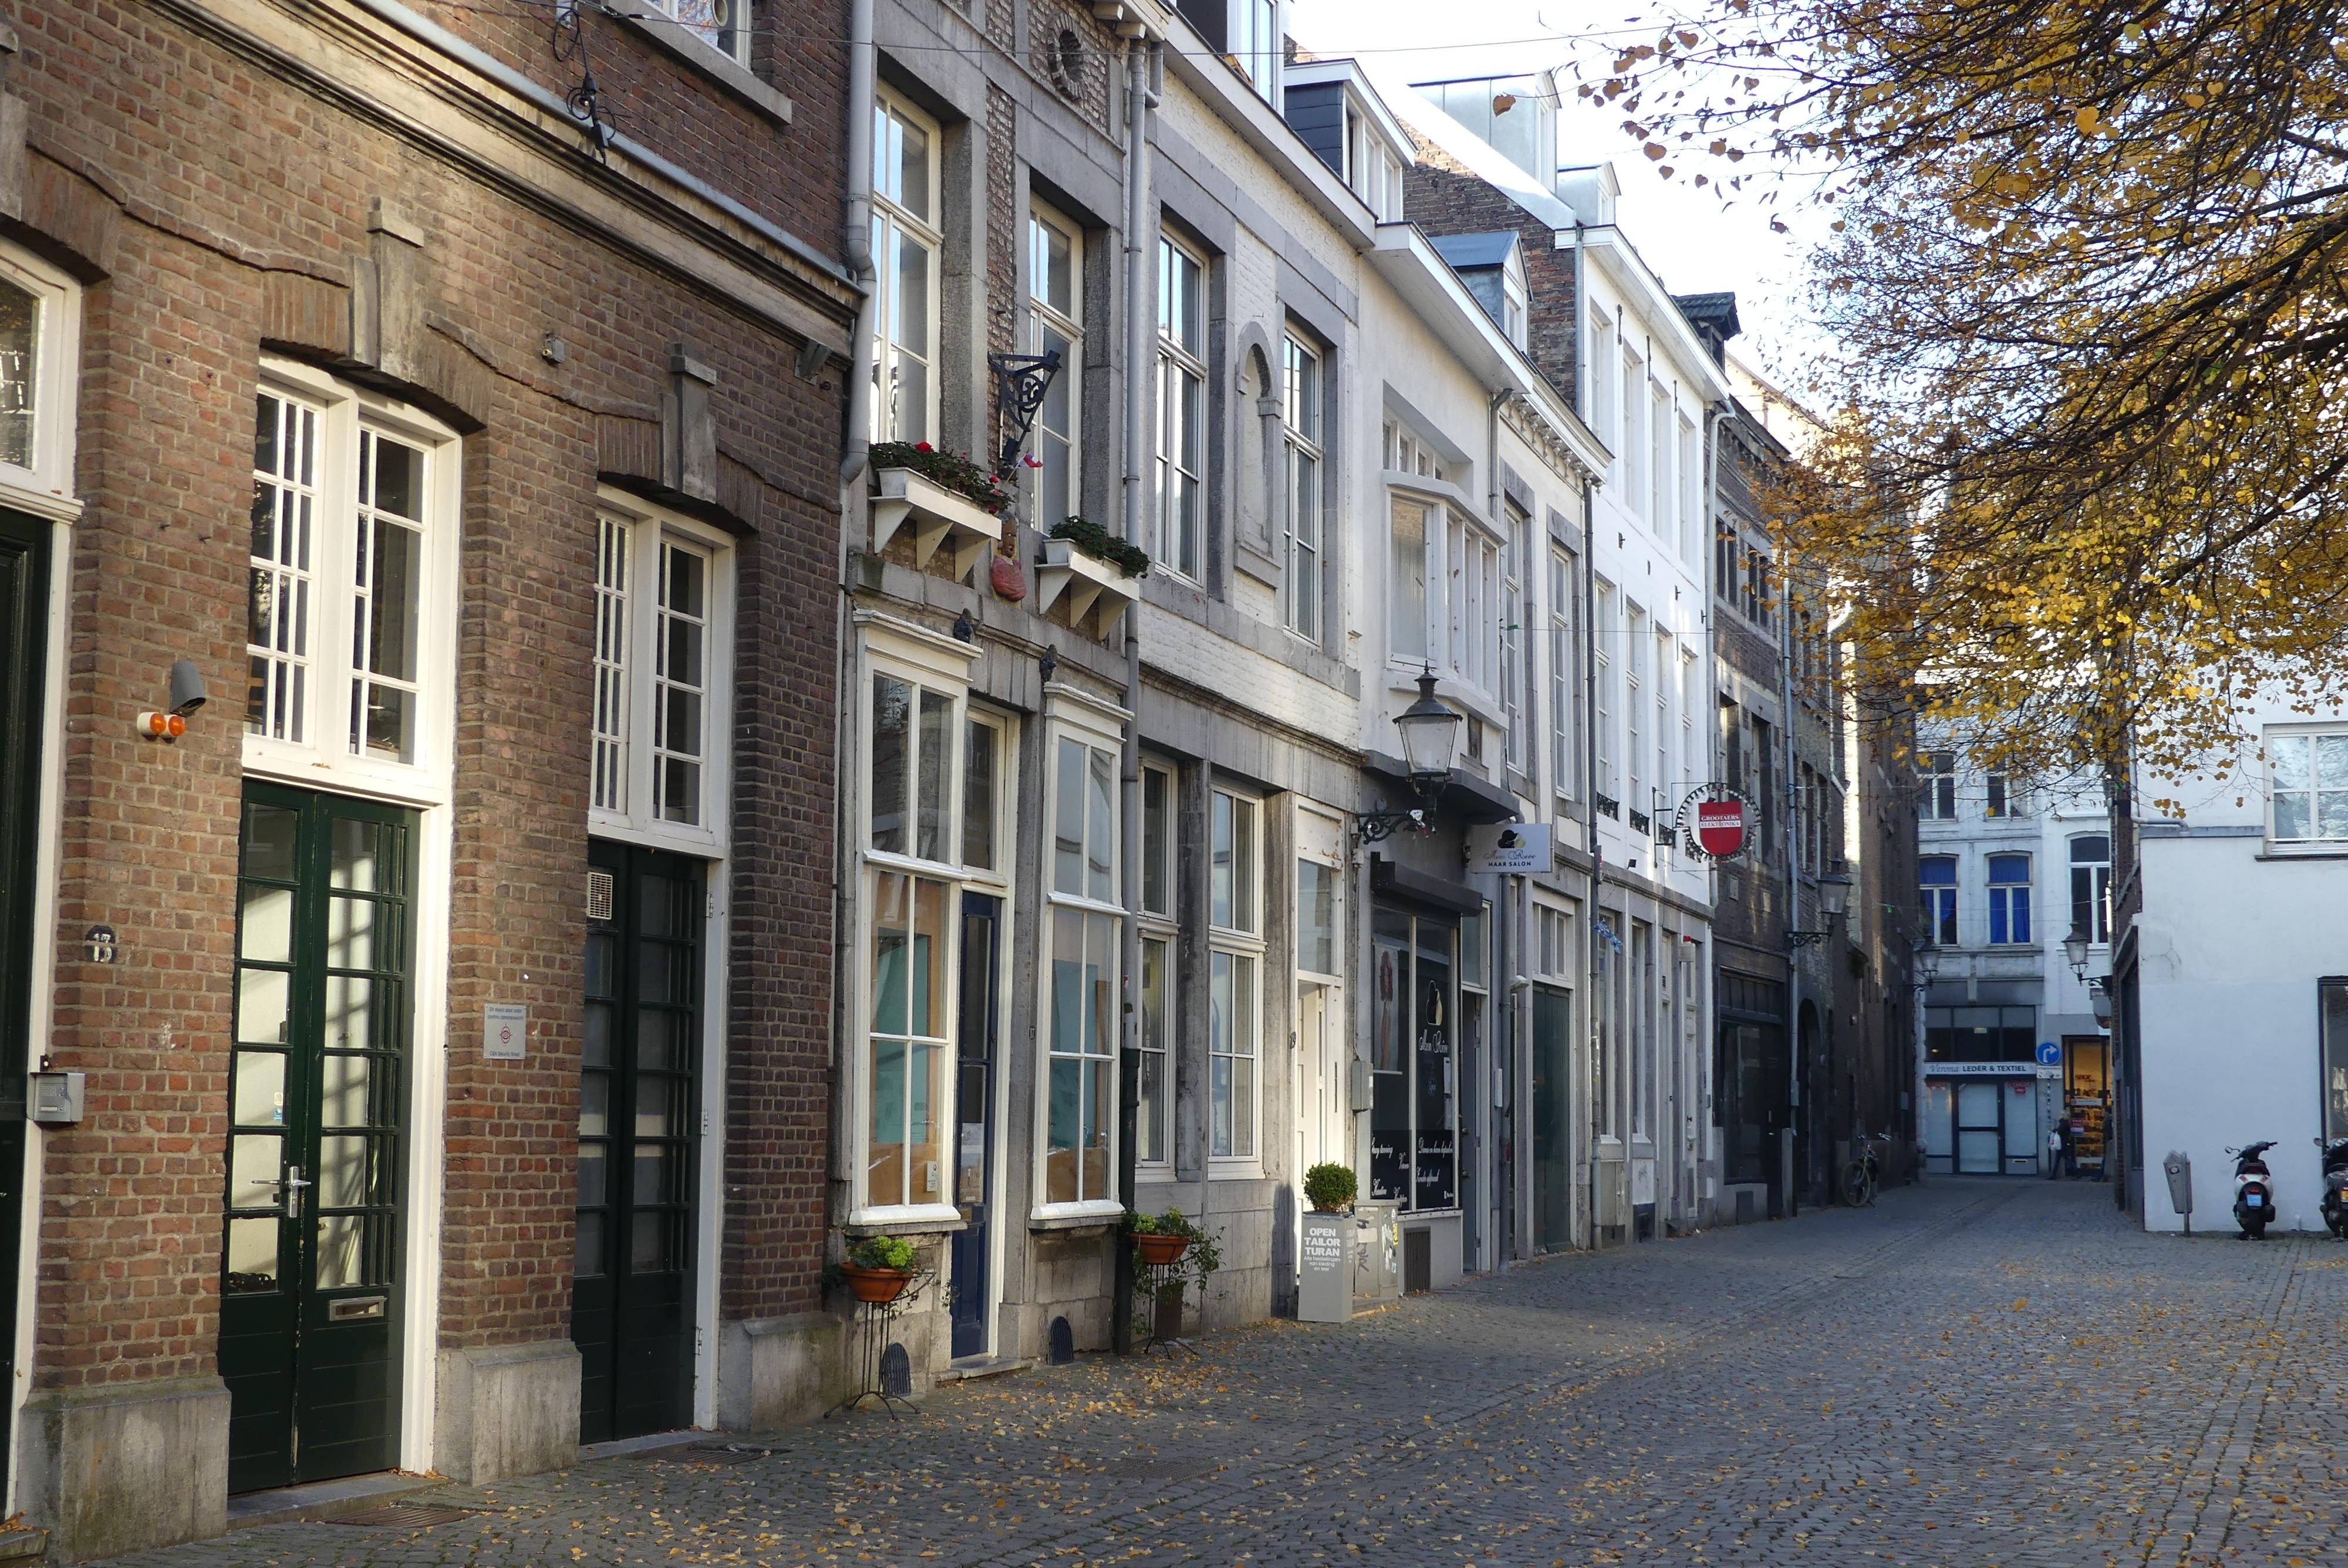 Gässchen in Maastricht